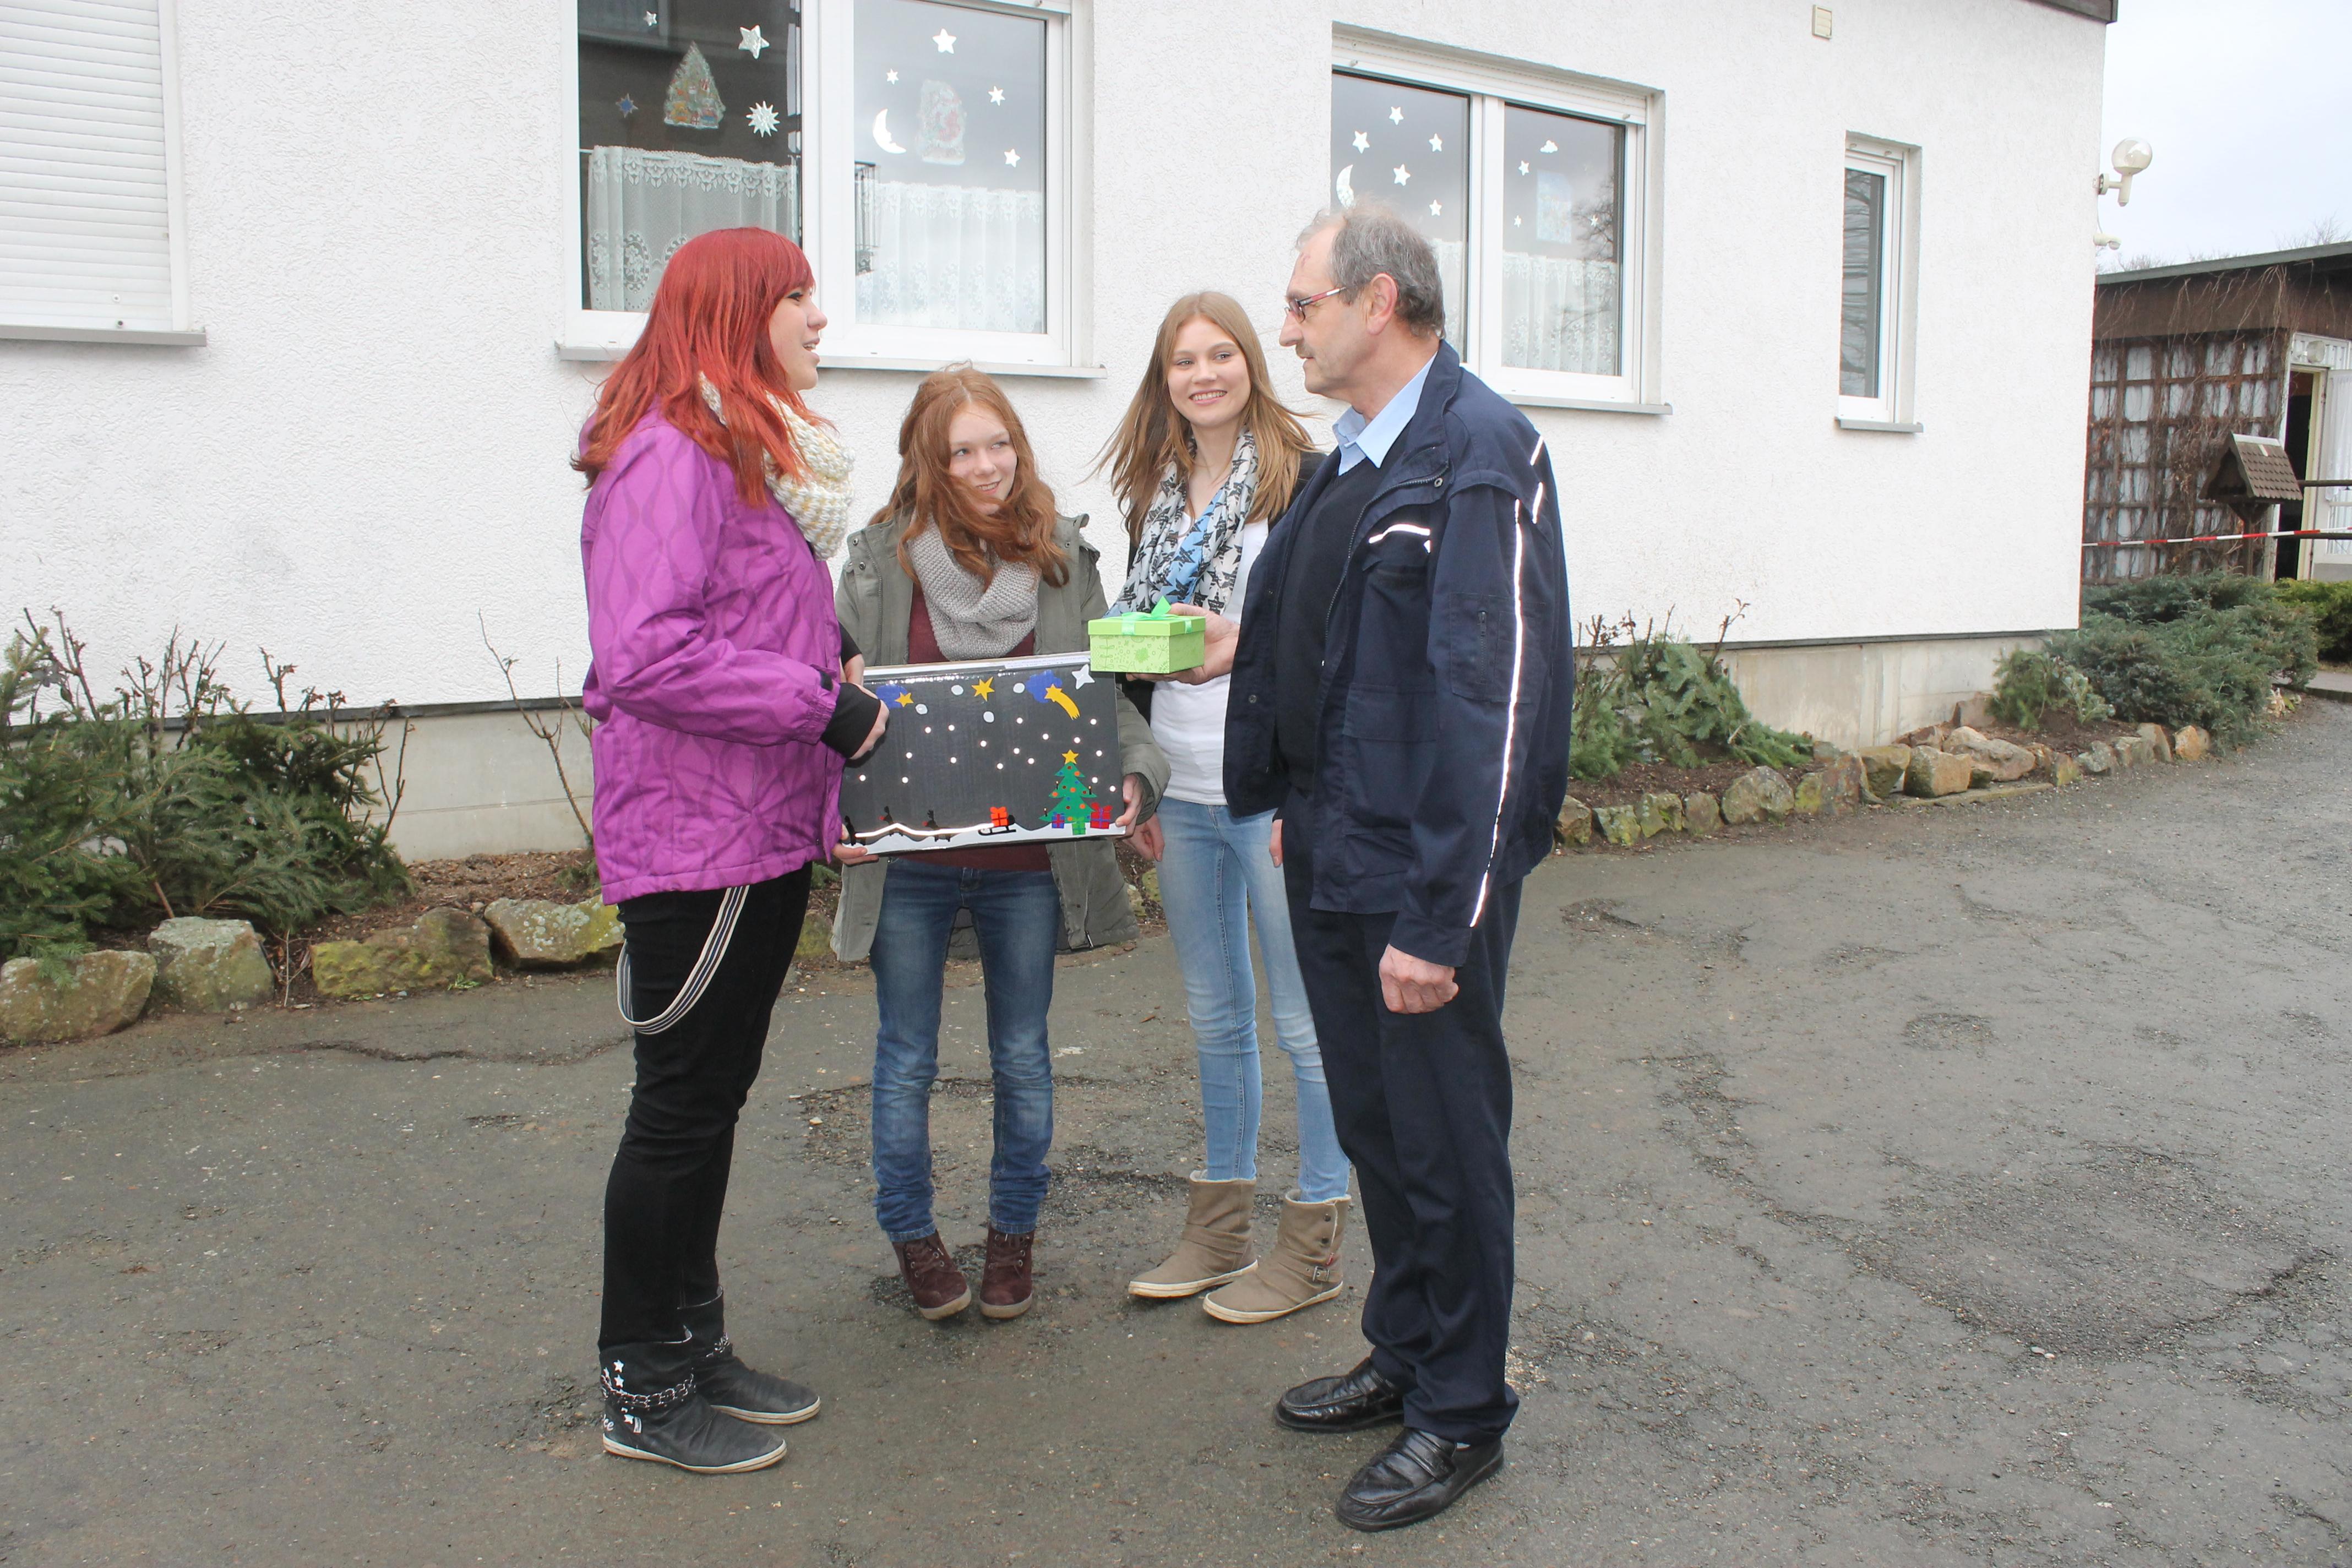 Melissa Donel, Anne Beer und Denise Zellhuber von der Freien Regelschule Reudnitz übergeben eine gesammelte Spende von 93 €.